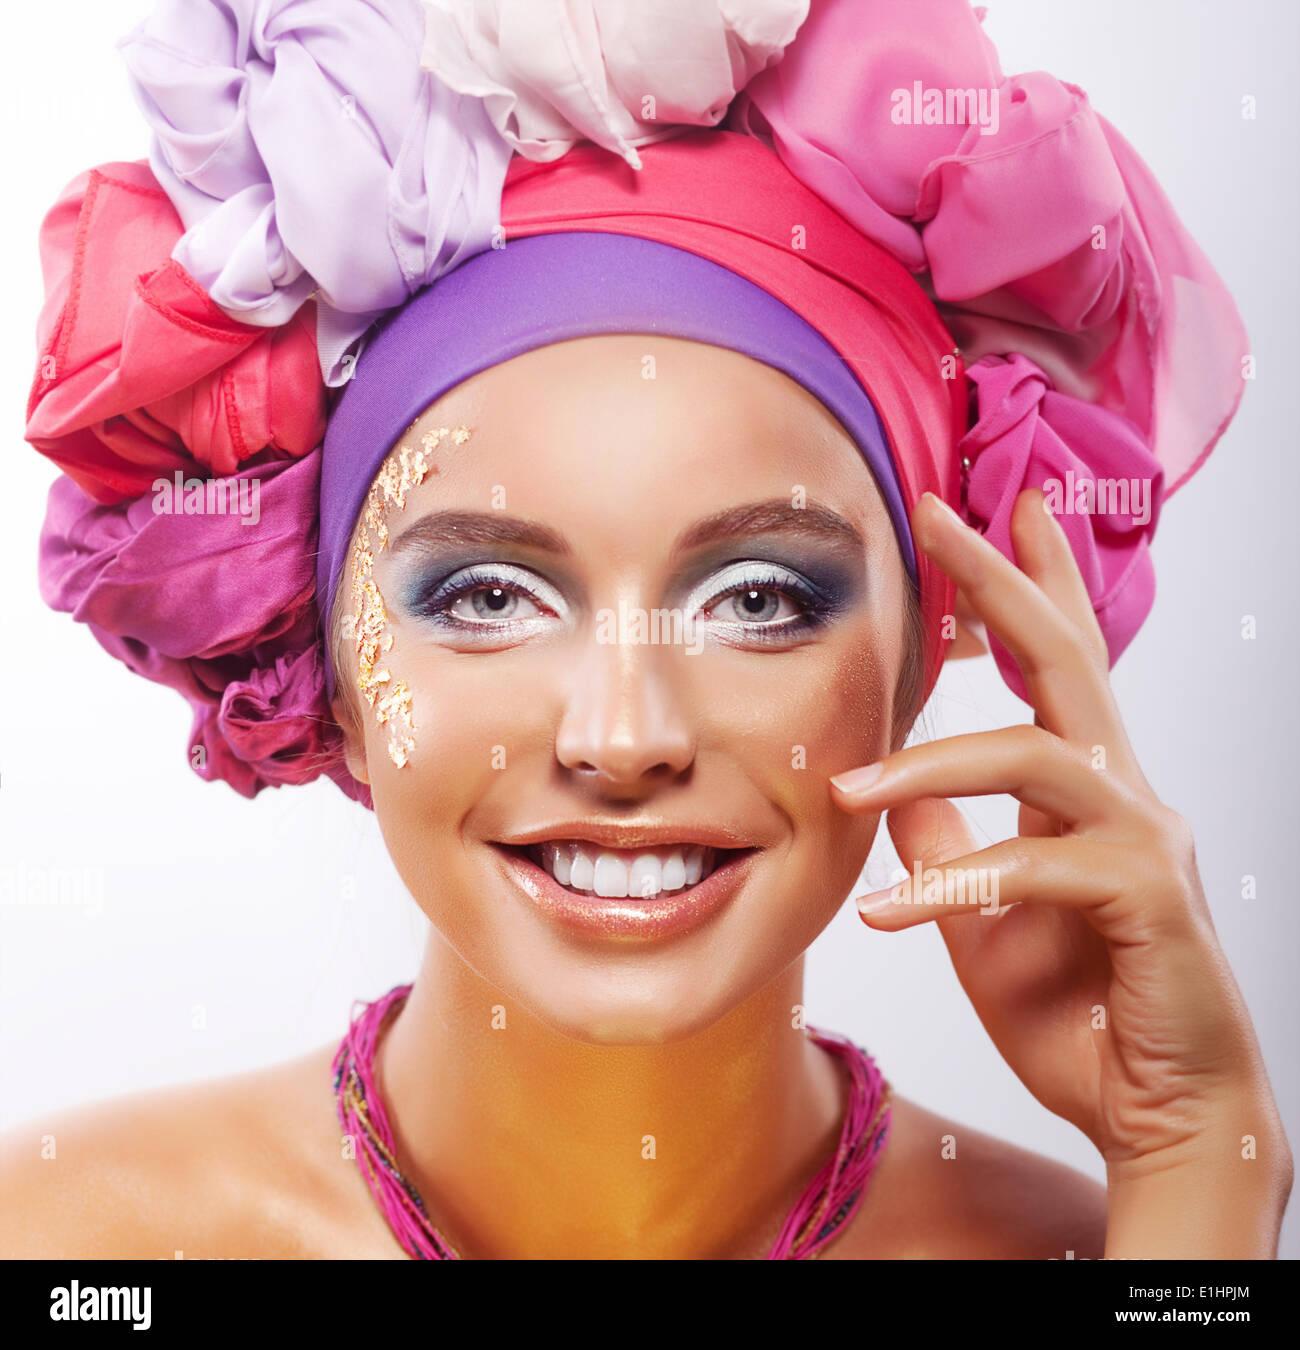 Lebensstil. Schönheit. Porträt des jungen glücklich toothy lächelnde Frau in bunte Kopfbedeckungen Stockbild